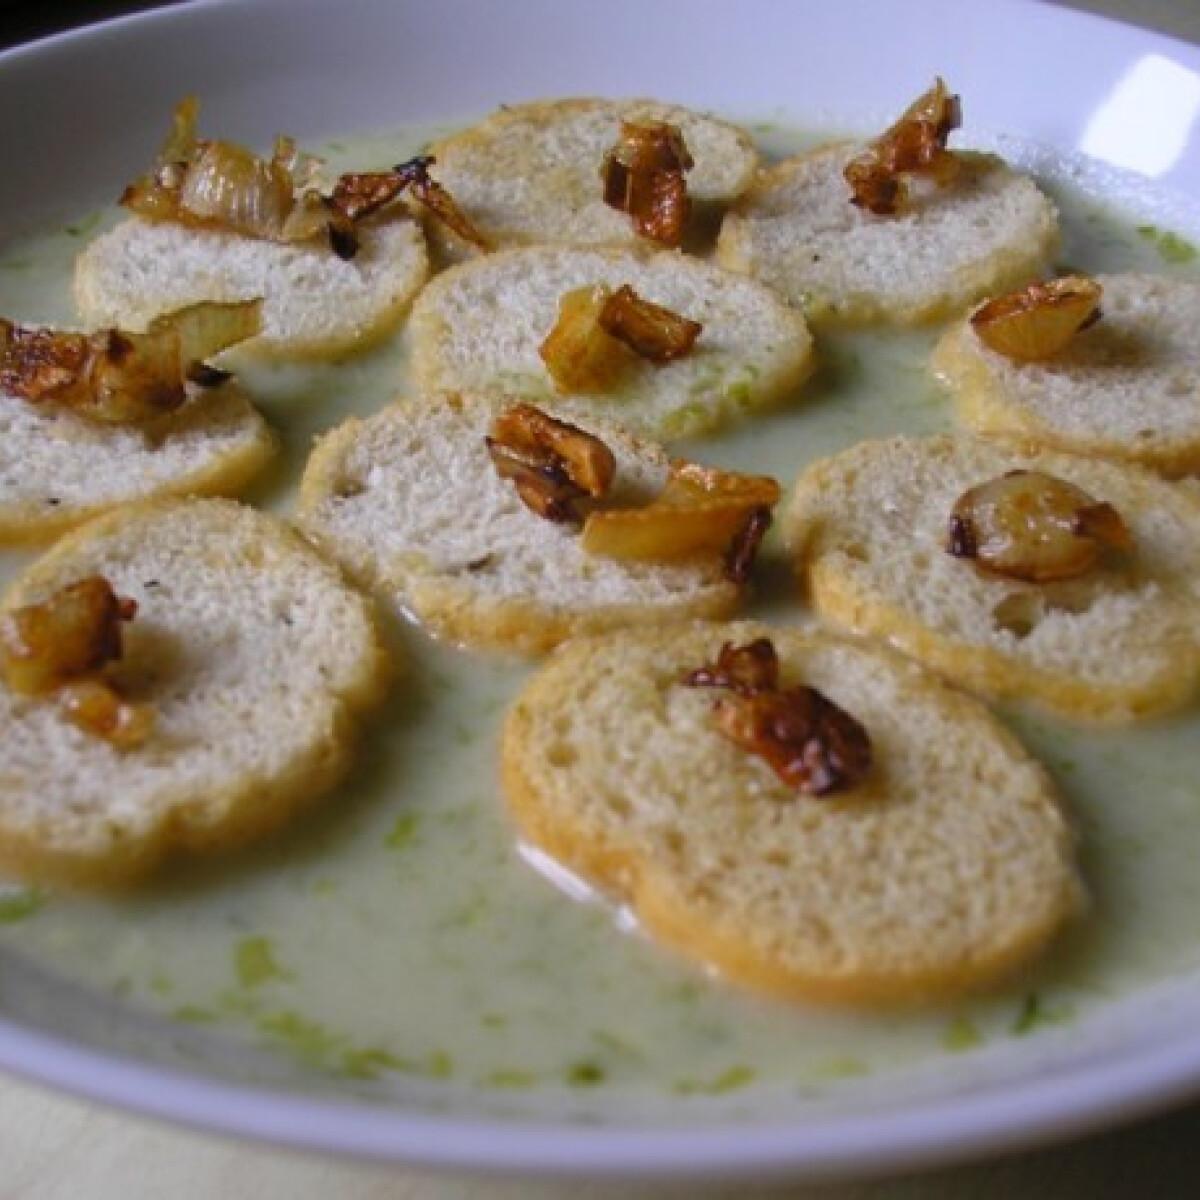 Ezen a képen: Medvehagyma-krémleves Zsuzsamama konyhájából